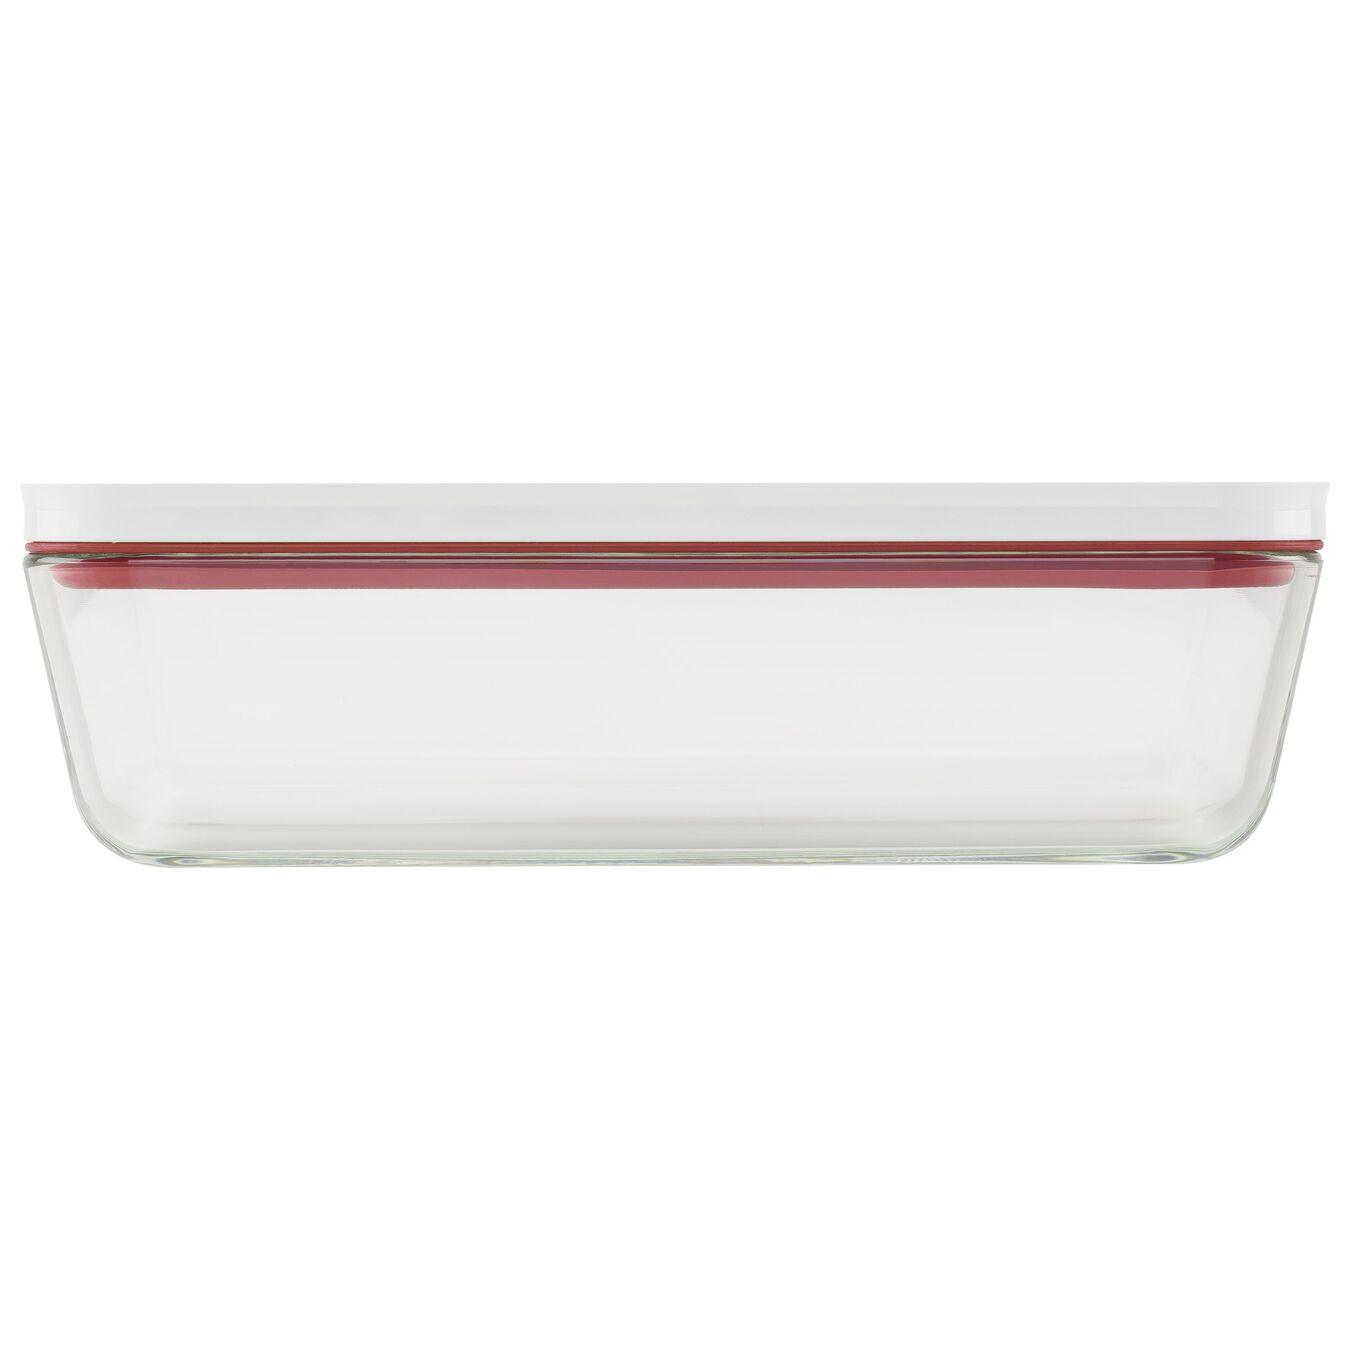 Piatto gratin sottovuoto, vetro, rosso,,large 3